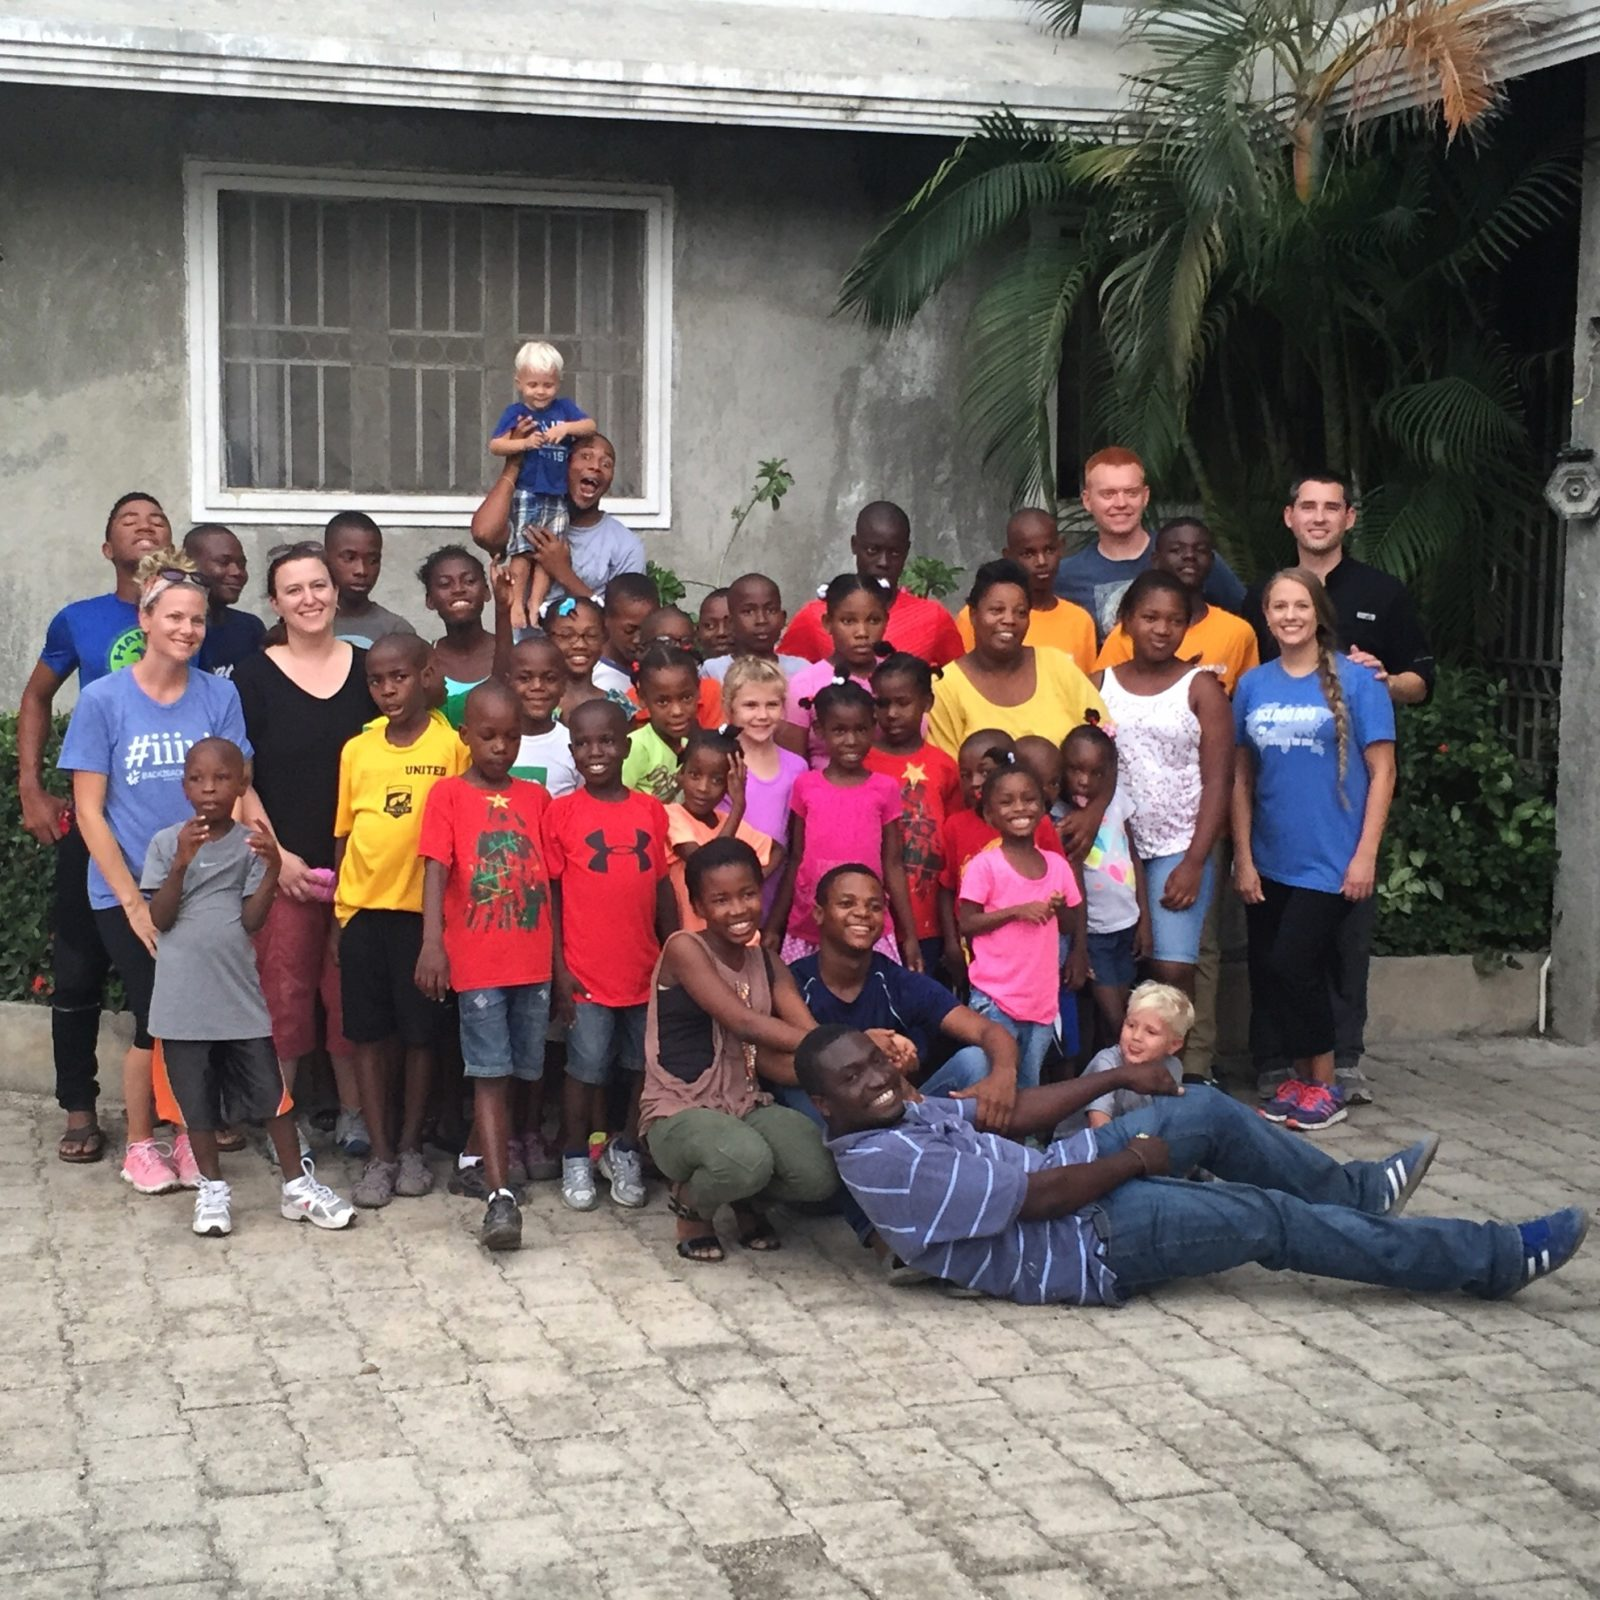 HVAC.com Haiti Mission Trip 2016